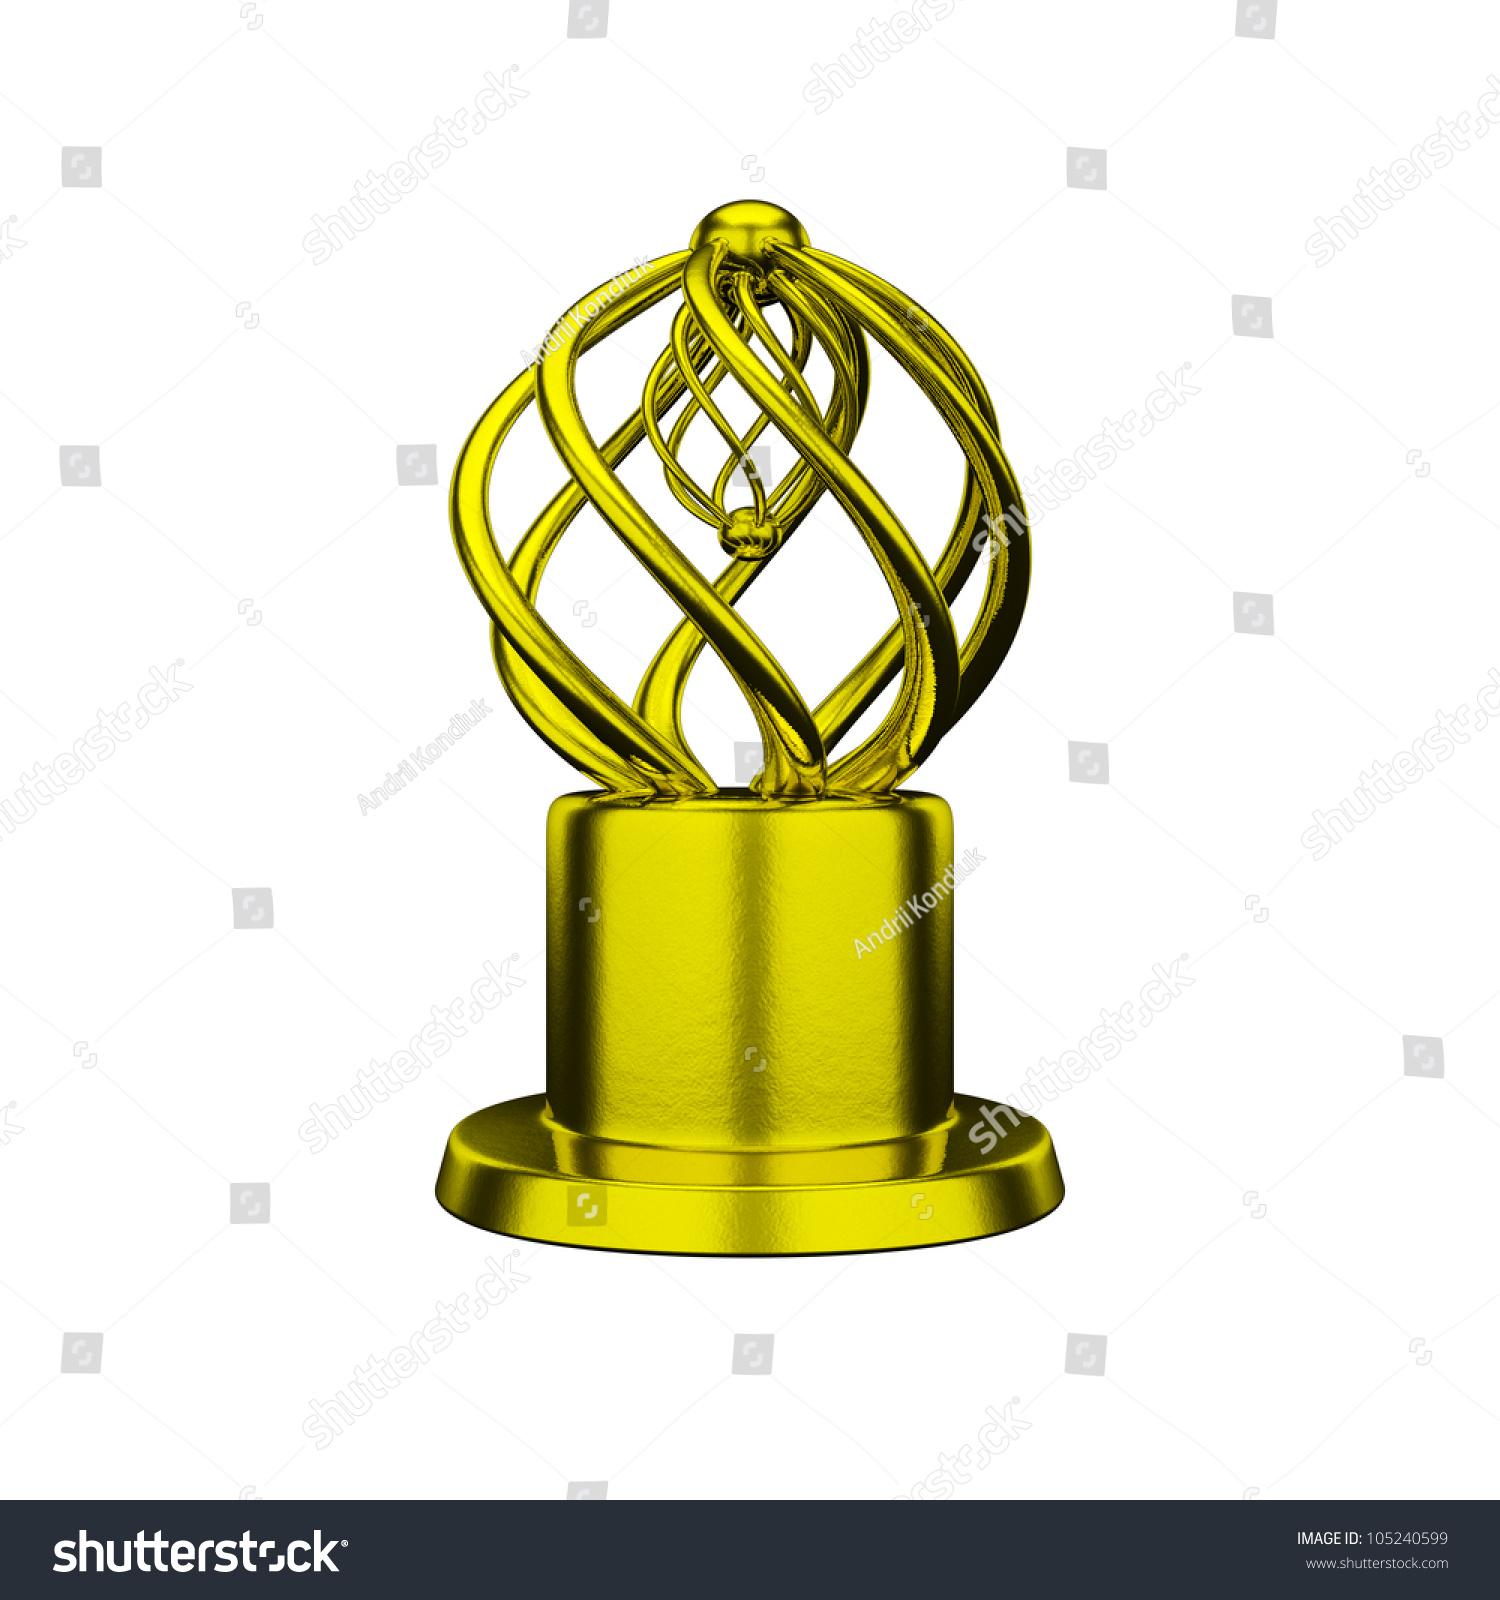 Gold Trophy Award Conceptual Design Silver Media Prize Concept